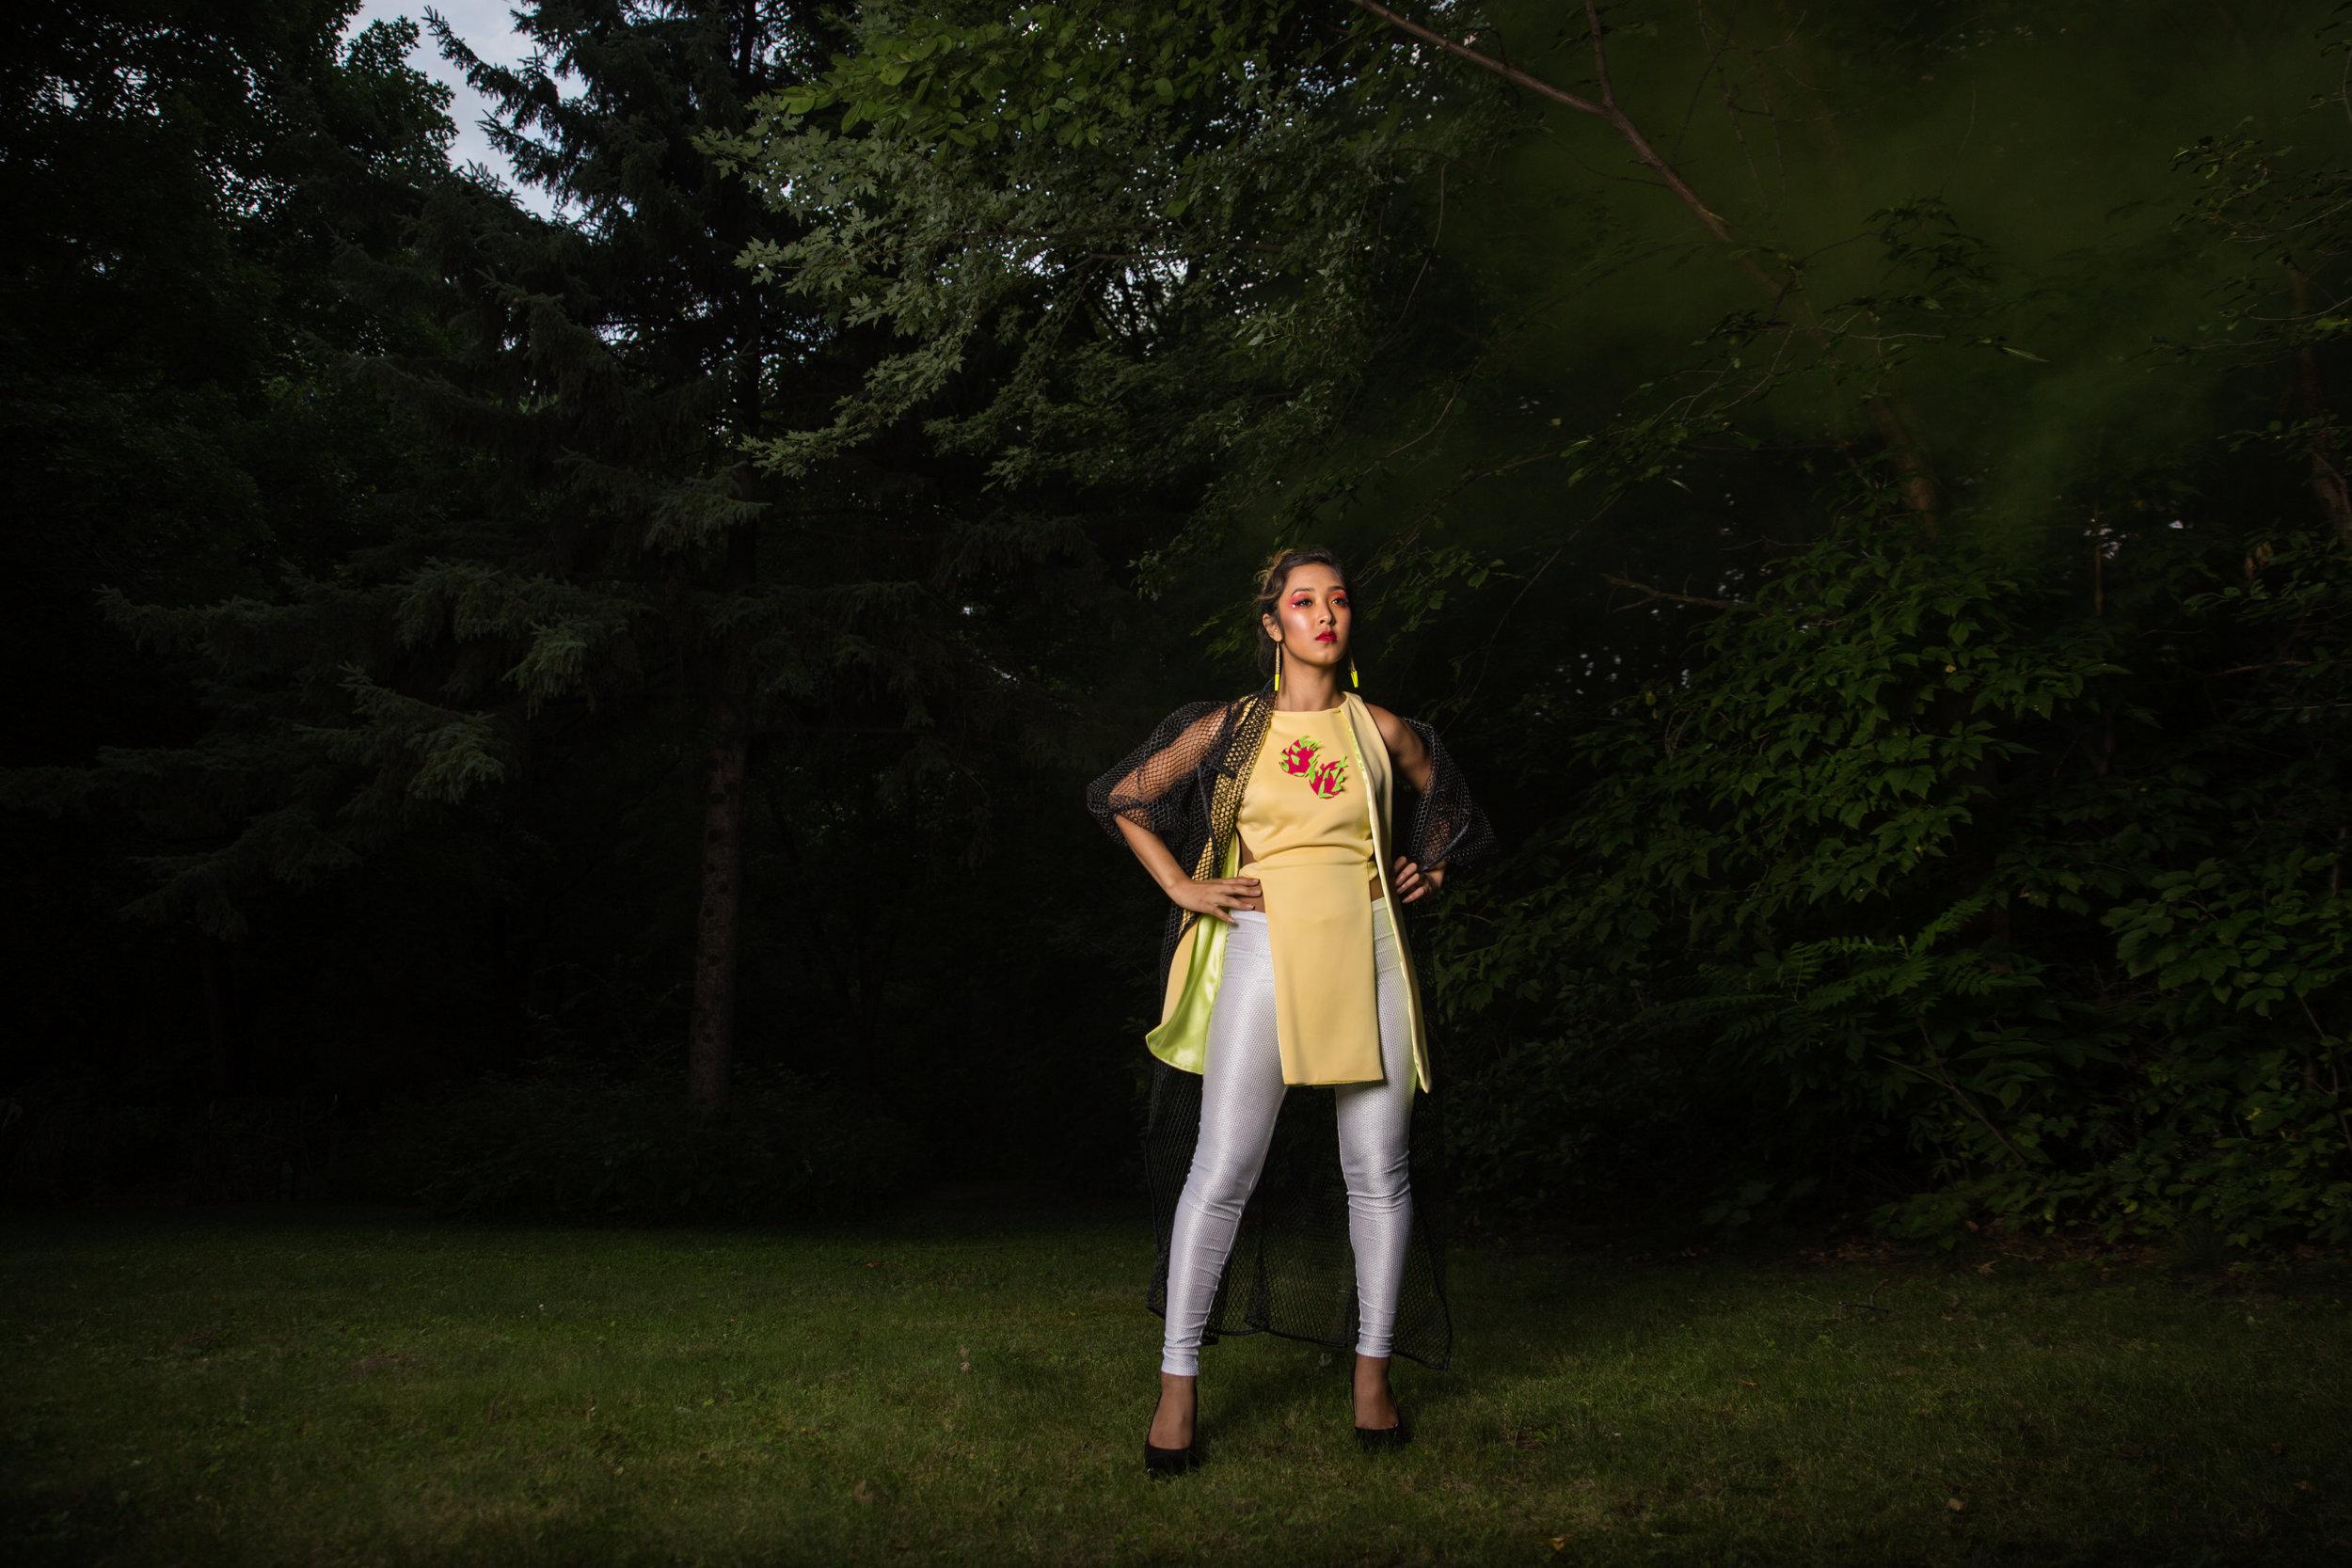 Designer: Oskar Ly of Os.Couture & Styling Model: Sophia Korm MUA & Hair: Mai Vue Photographer: Katherina Vang